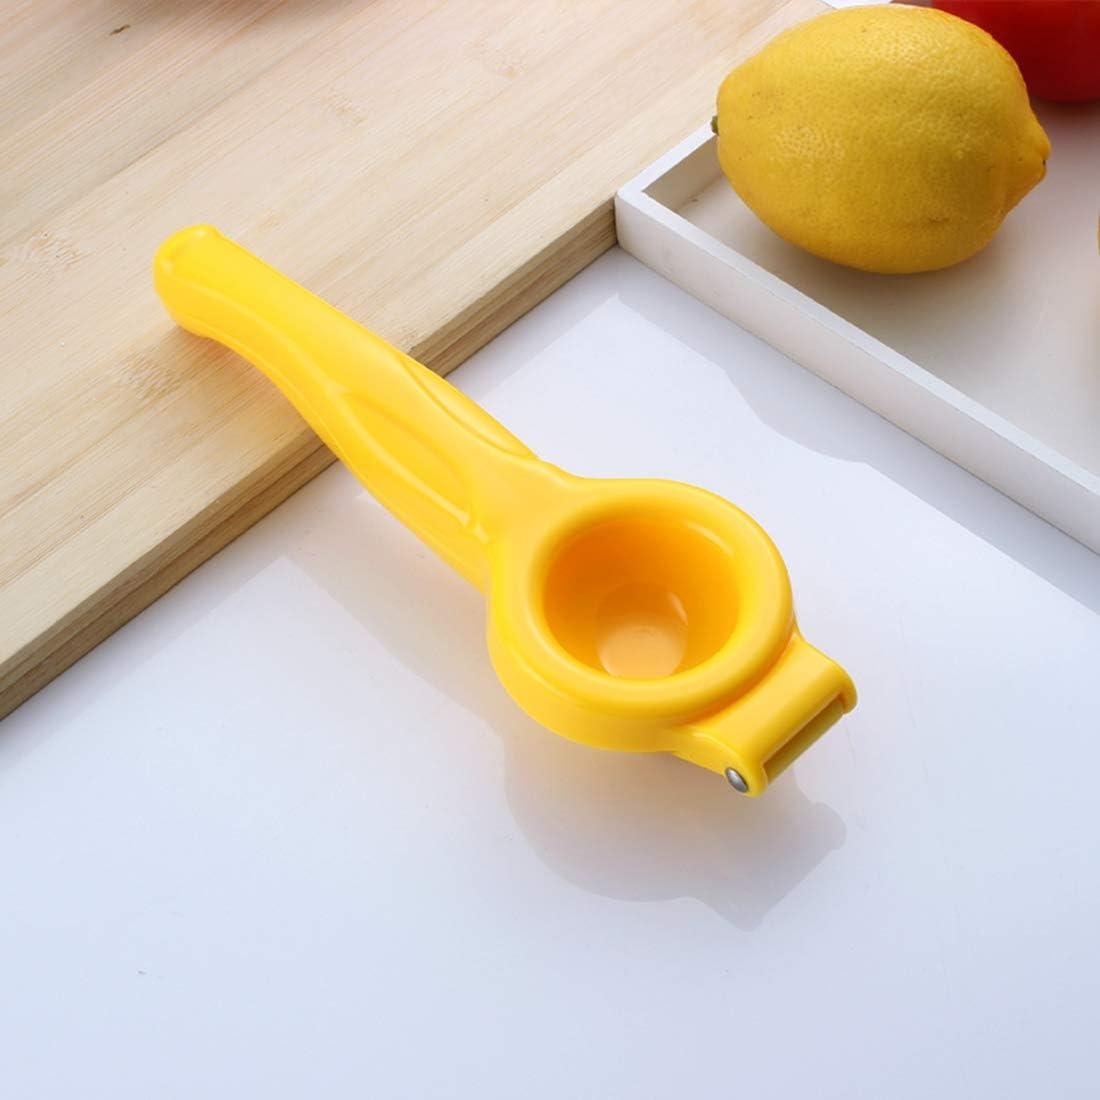 SODIAL Jaune Type de Menage Manuel Presse Citron Orange